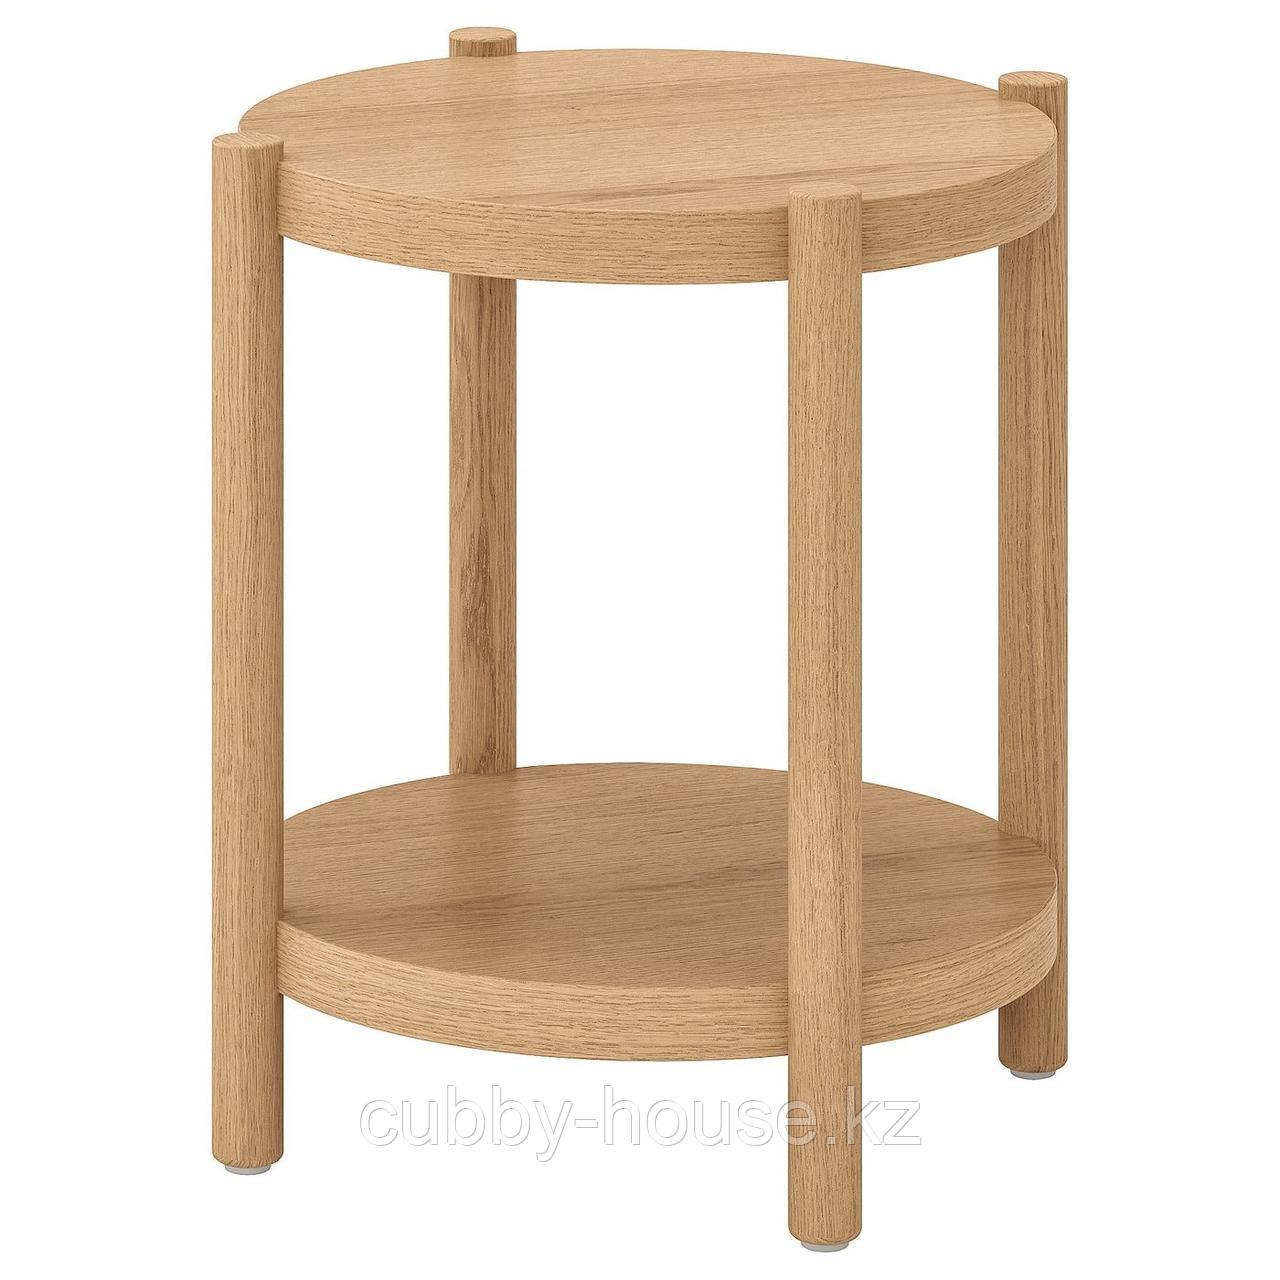 ЛИСТЕРБИ Придиванный столик, белая морилка дуб, 50 см